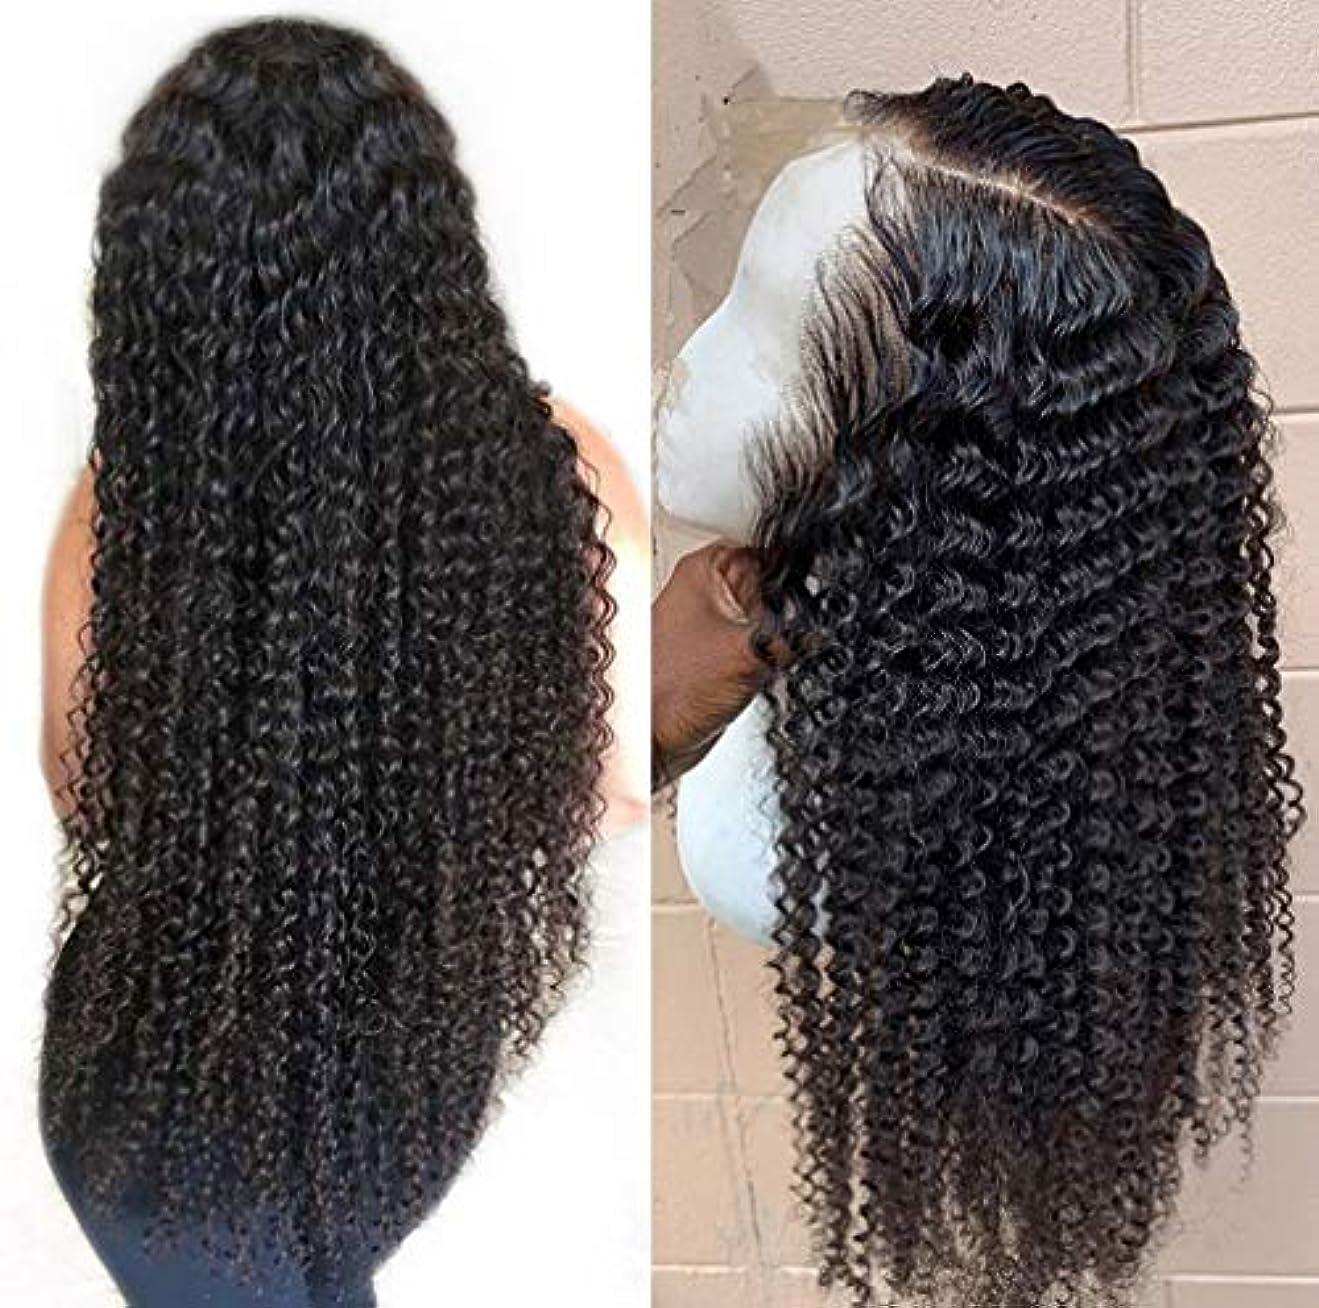 消去発症アシスタント女性13 * 6レースフロントかつらブラジル人間の髪水波ペルーバージン人間の髪調節可能なかつらベビーヘア